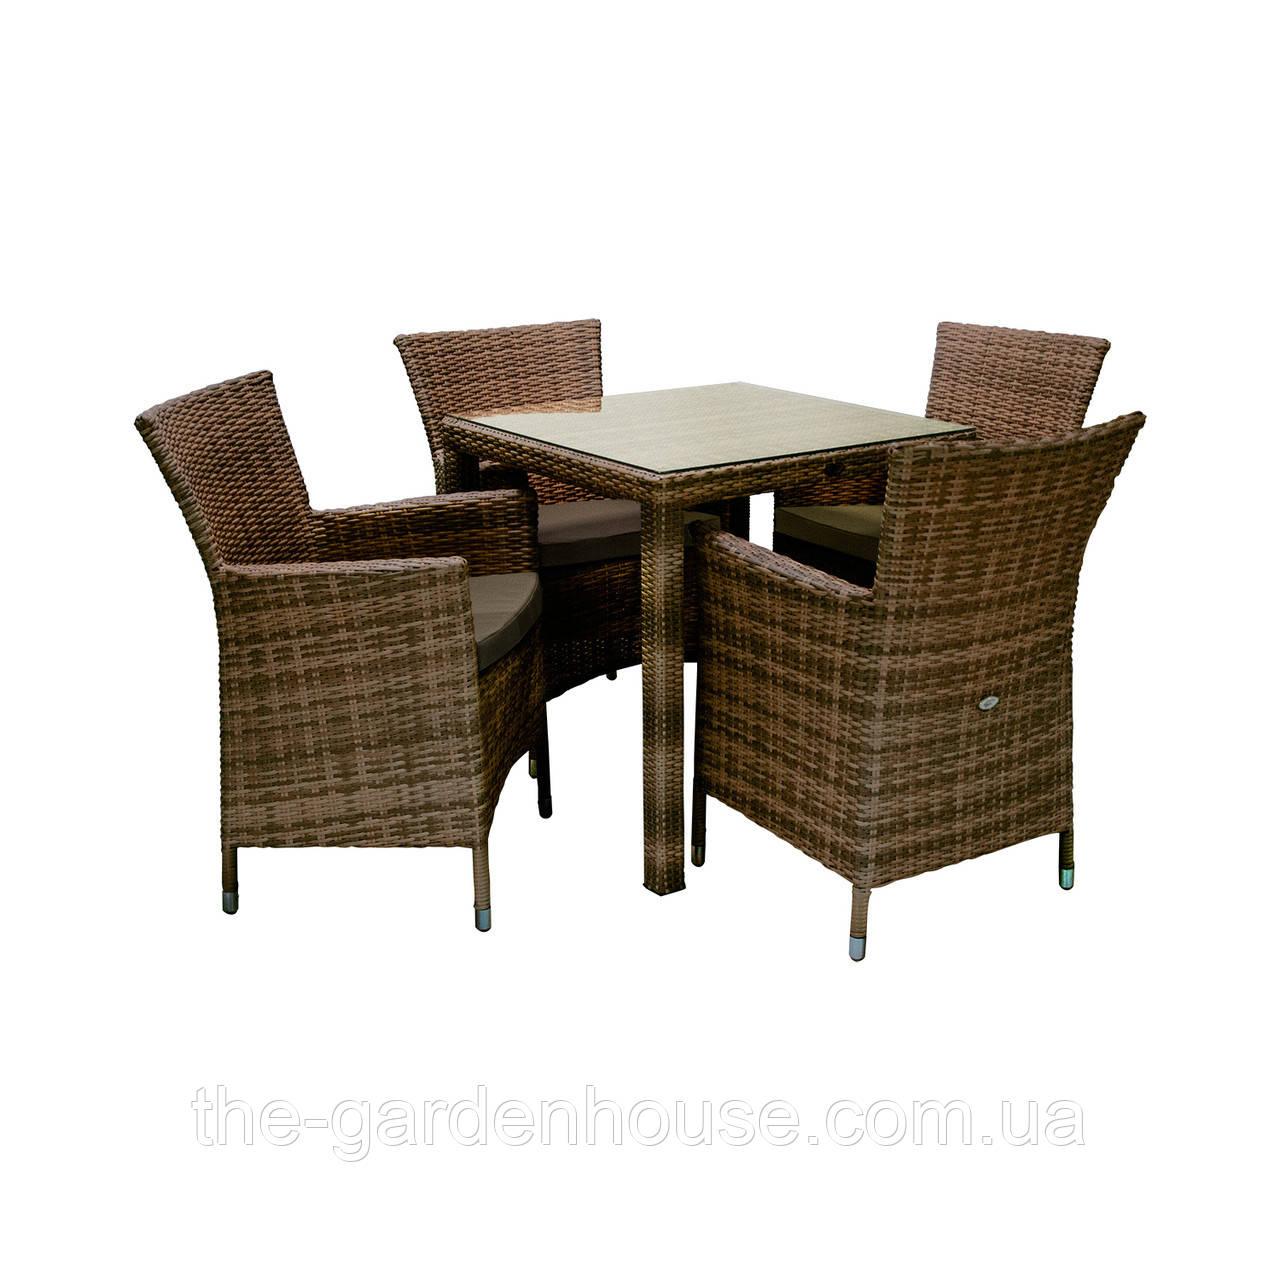 Столовый набор садовой мебели WICKER из искусственного ротанга коричневый, фото 1